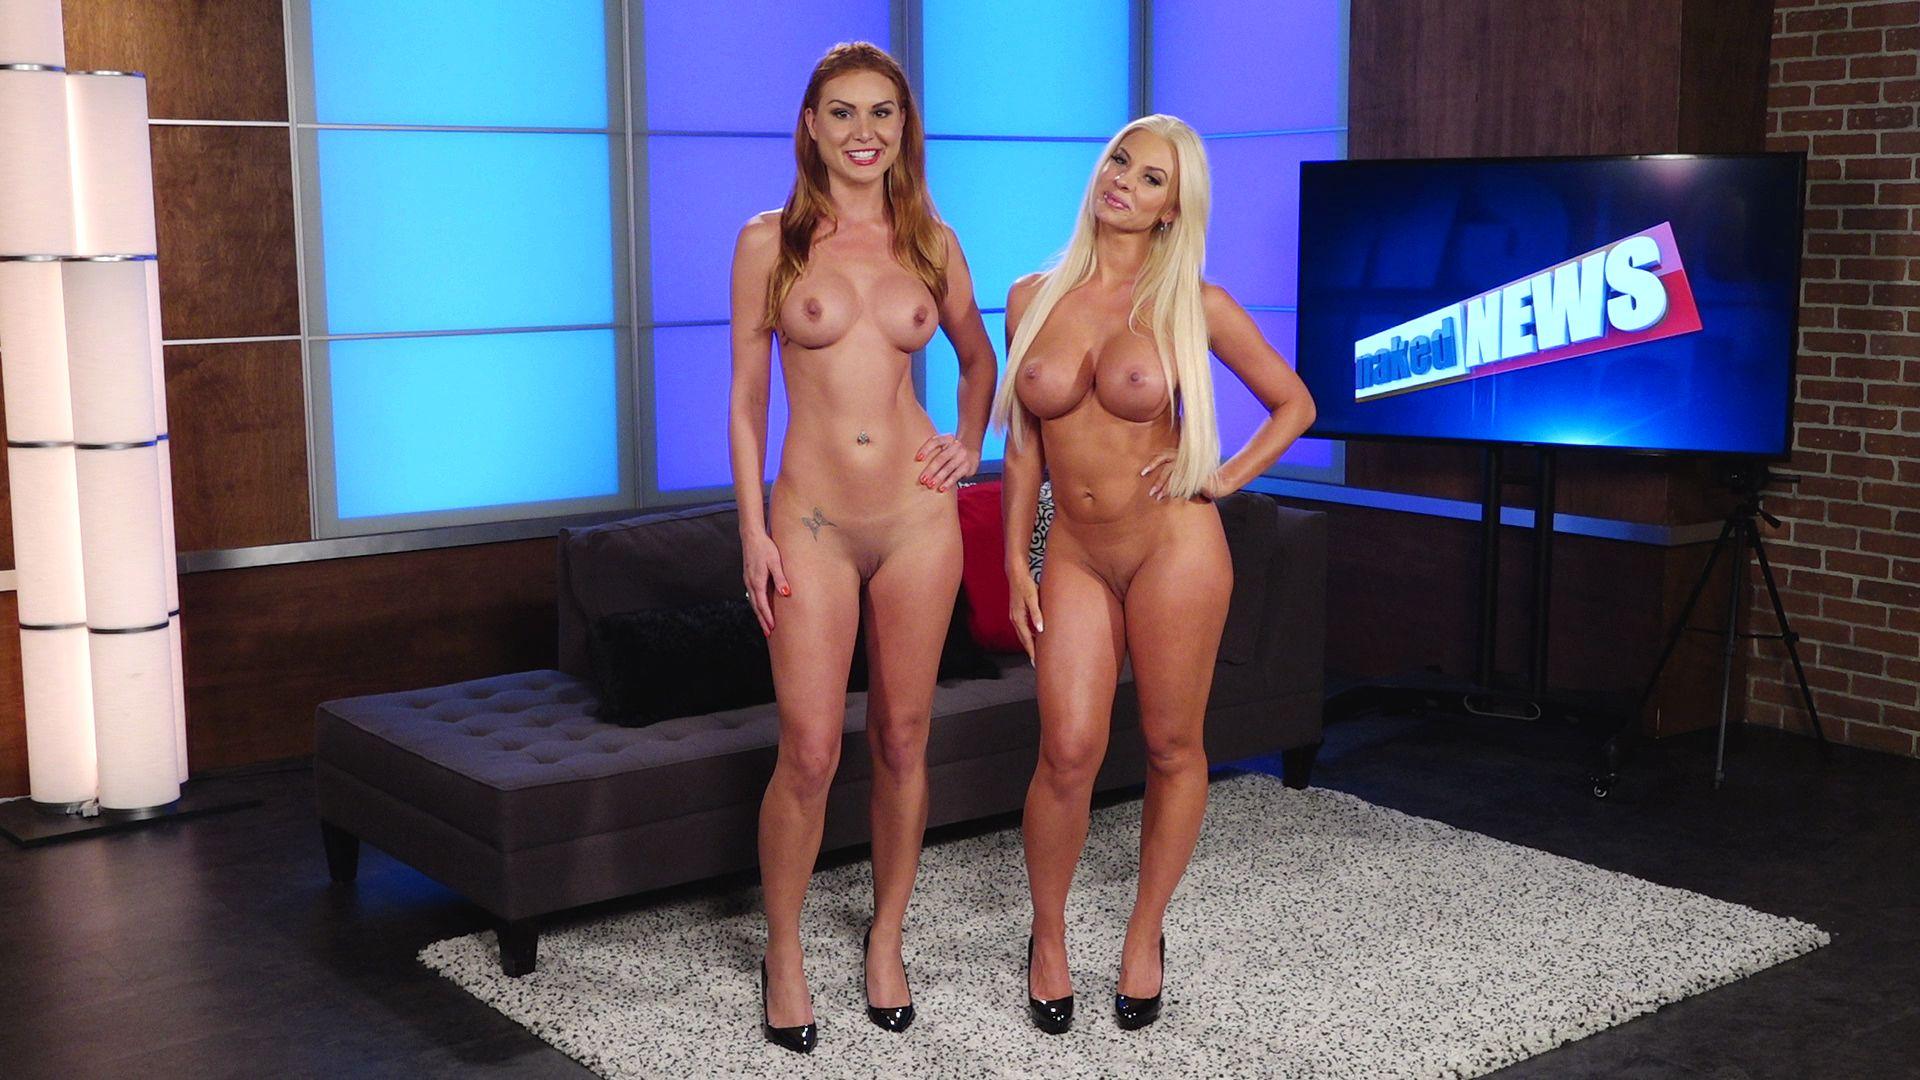 Elia adams naked news pics cam sex